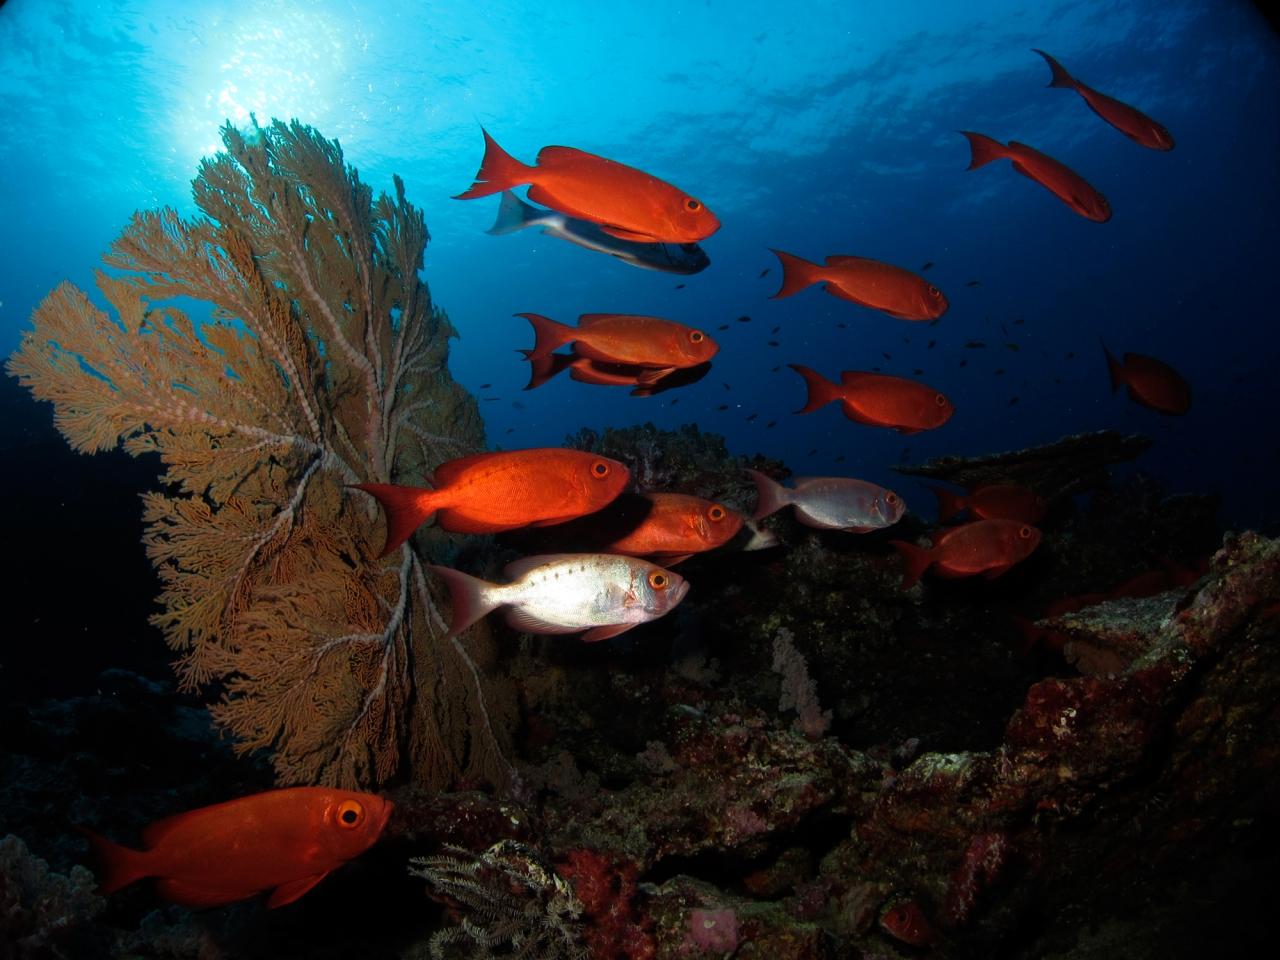 Bogăția oceanului descoperită scufundătorilor